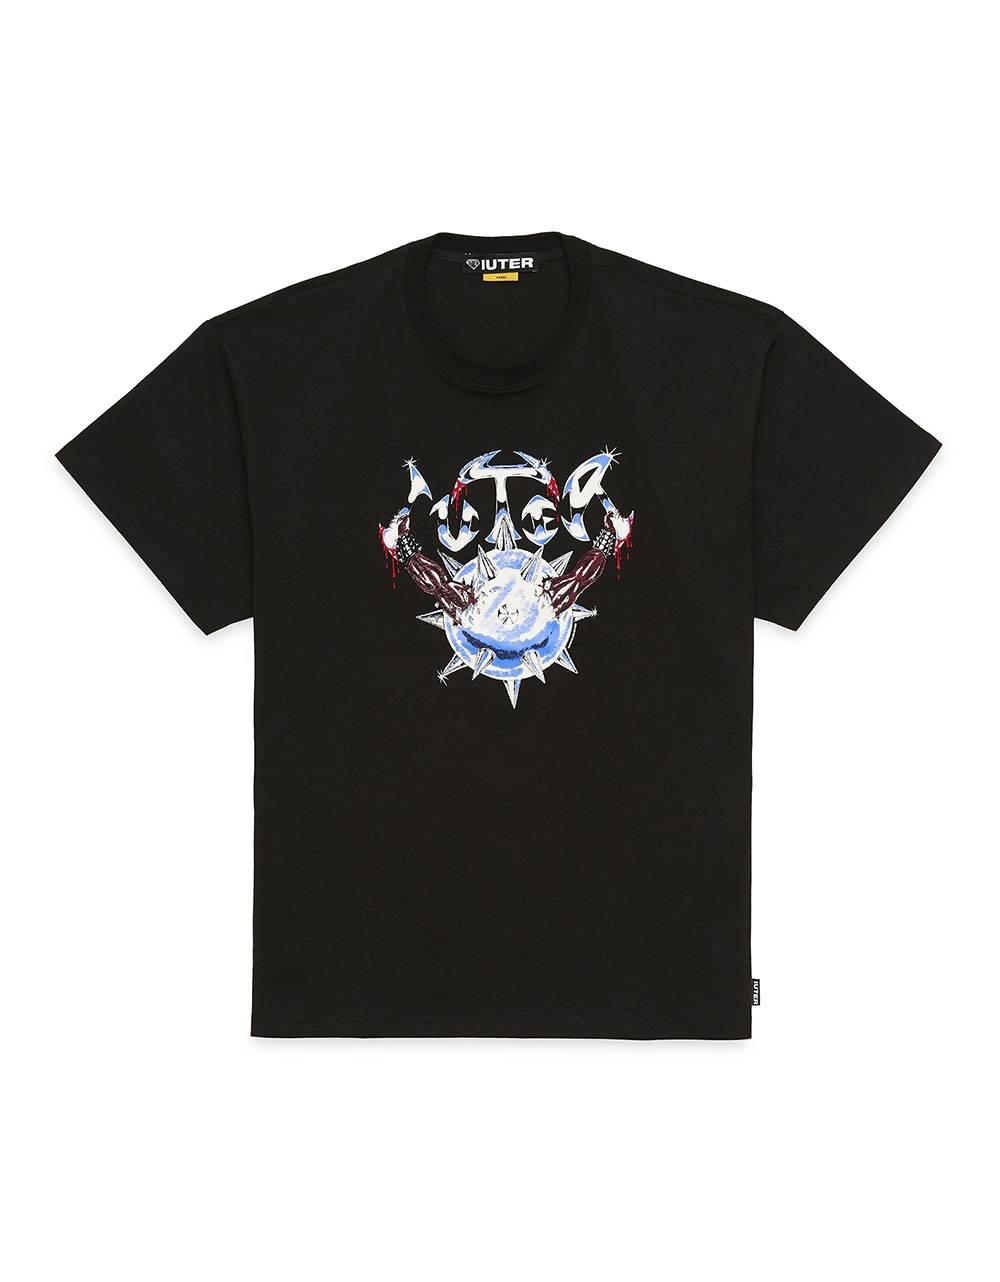 Iuter Steel tee - Black IUTER T-shirt 55,00€